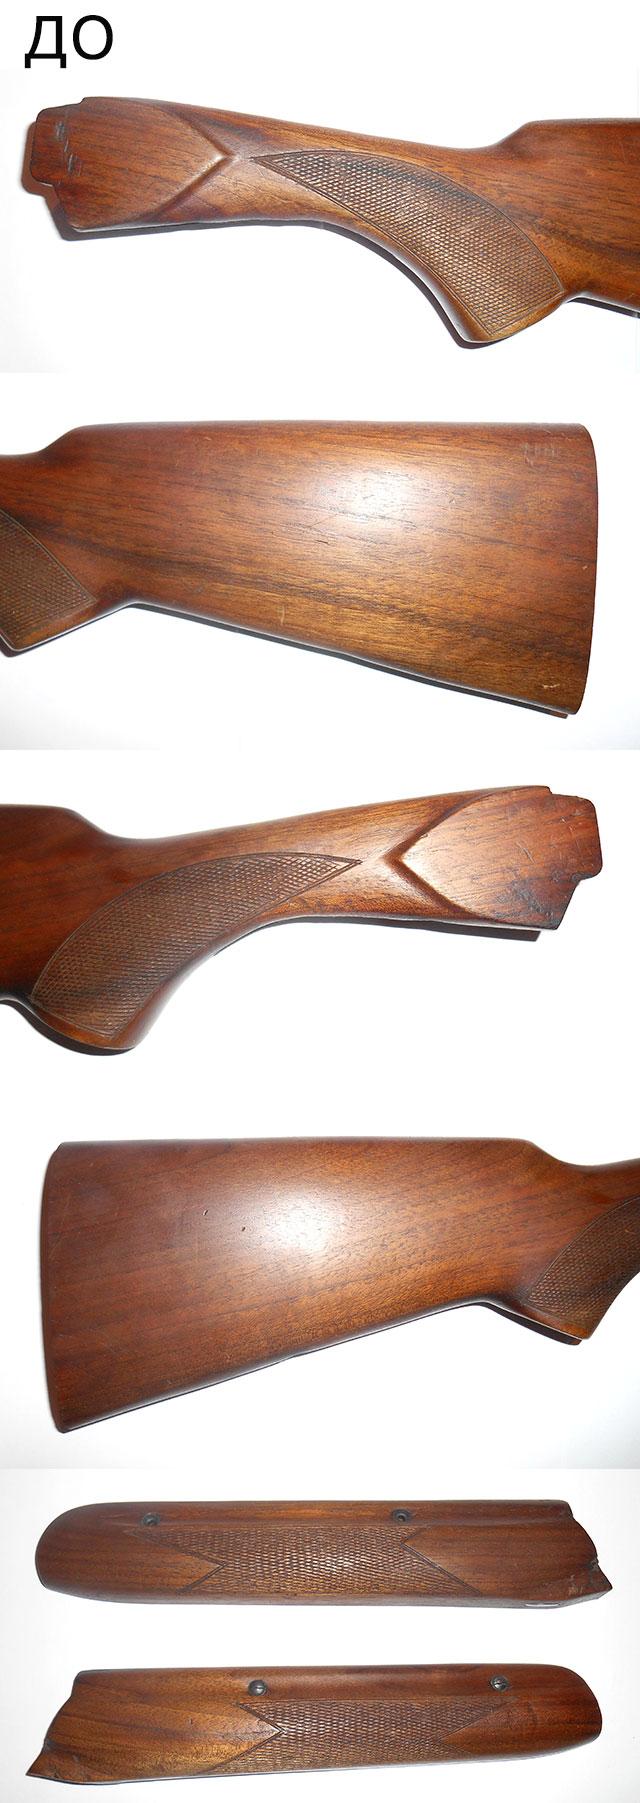 Приклад и цевье ружья ТОЗ-34 до реставрации